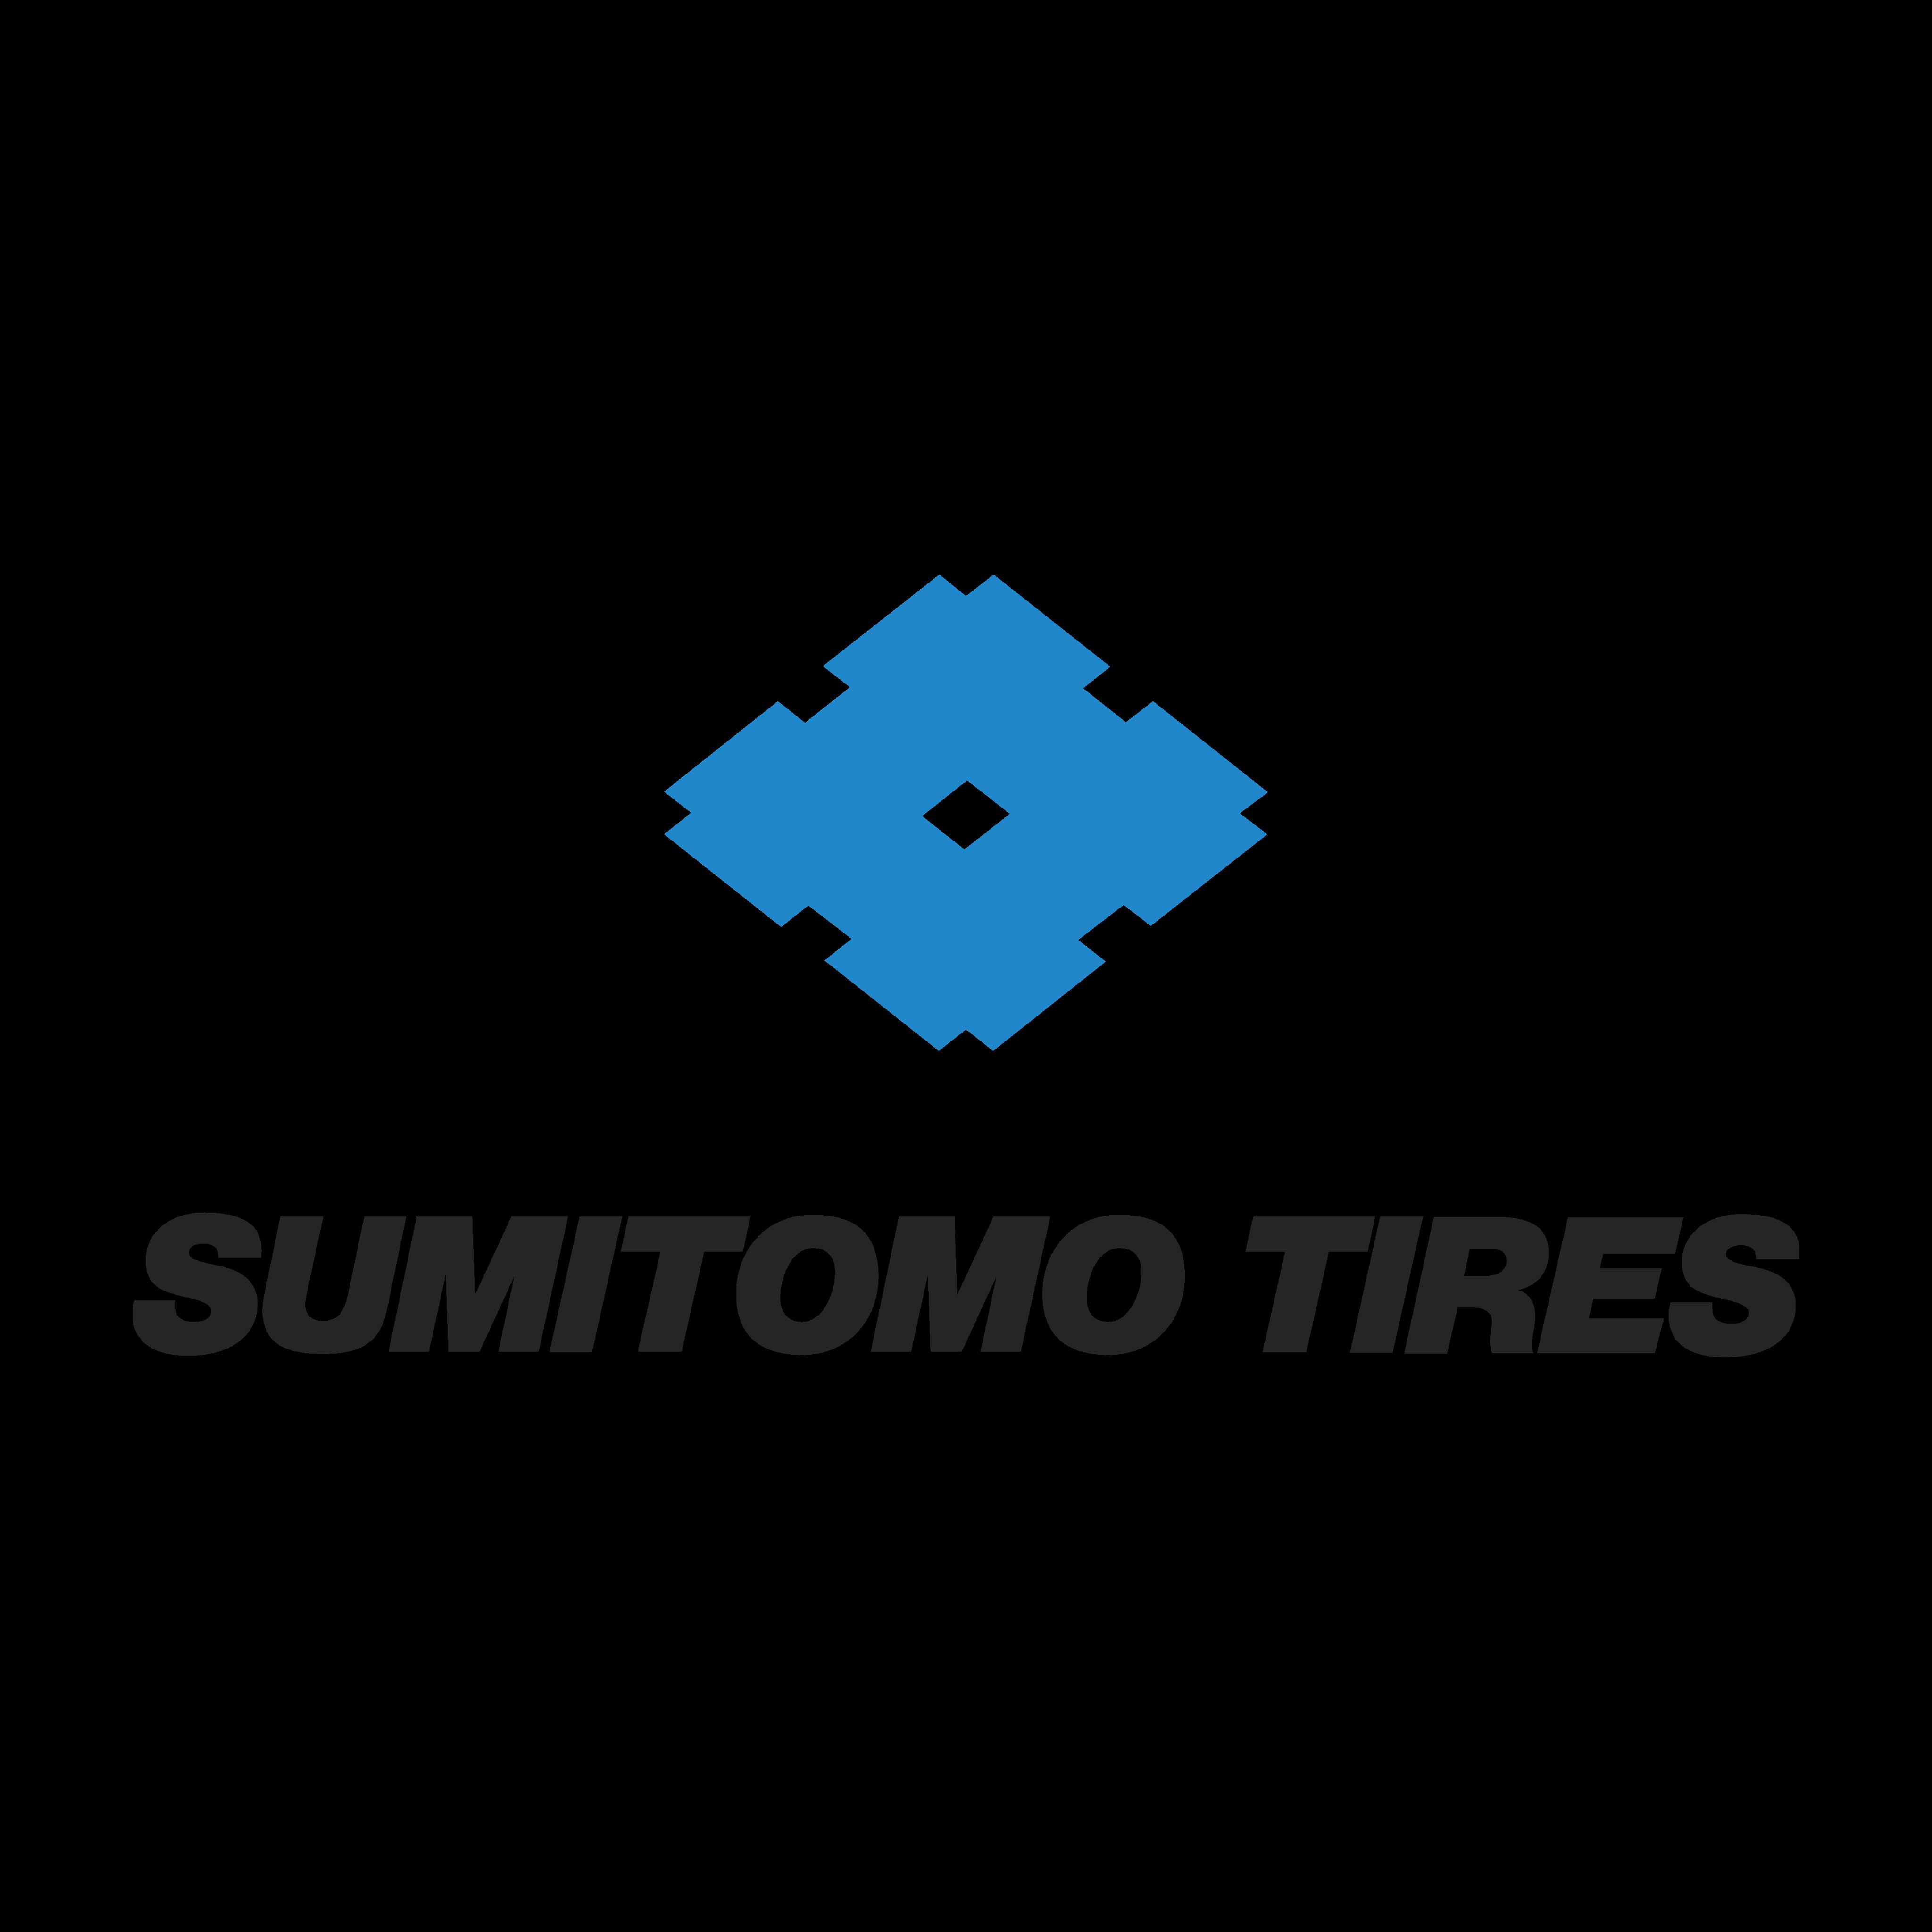 sumitomo tires logo 0 - Sumitomo Tires Logo